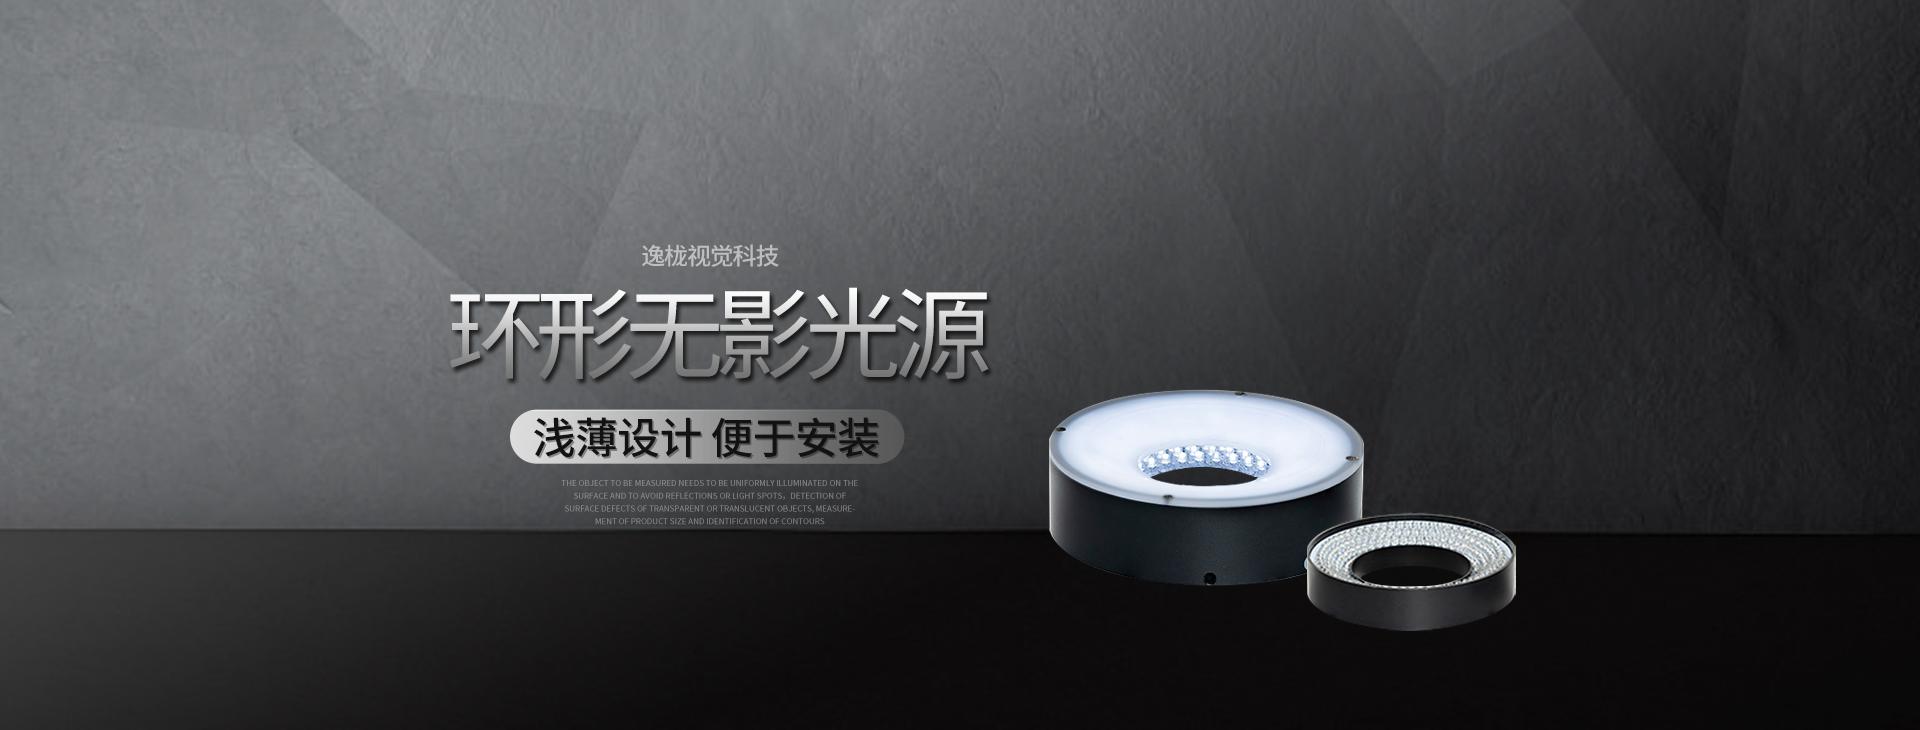 专业机器视觉光源,LED光源控制器厂家